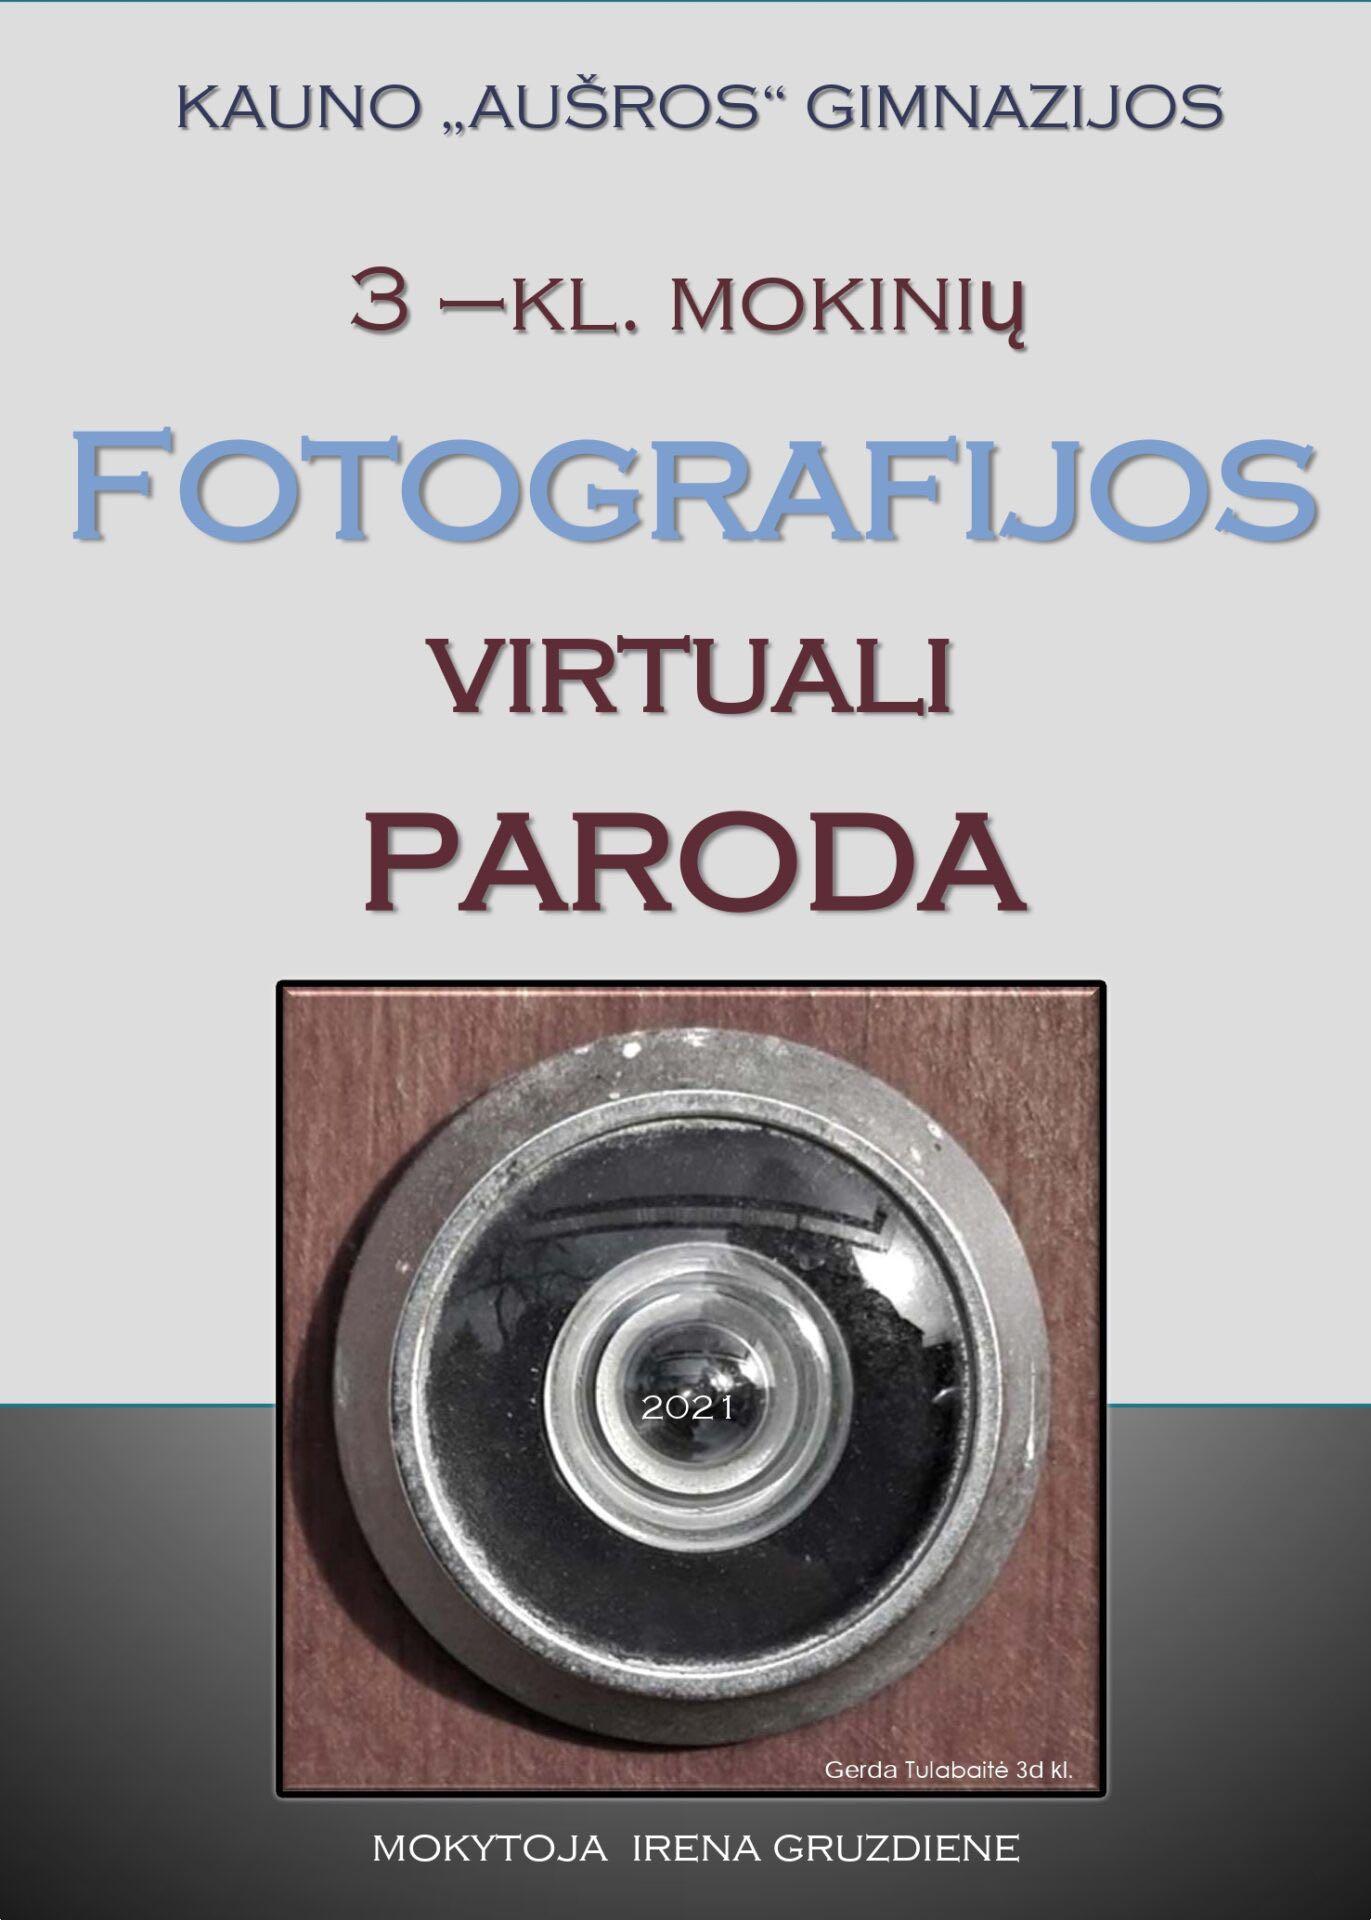 III kl. mokinių fotografijos virtuali paroda